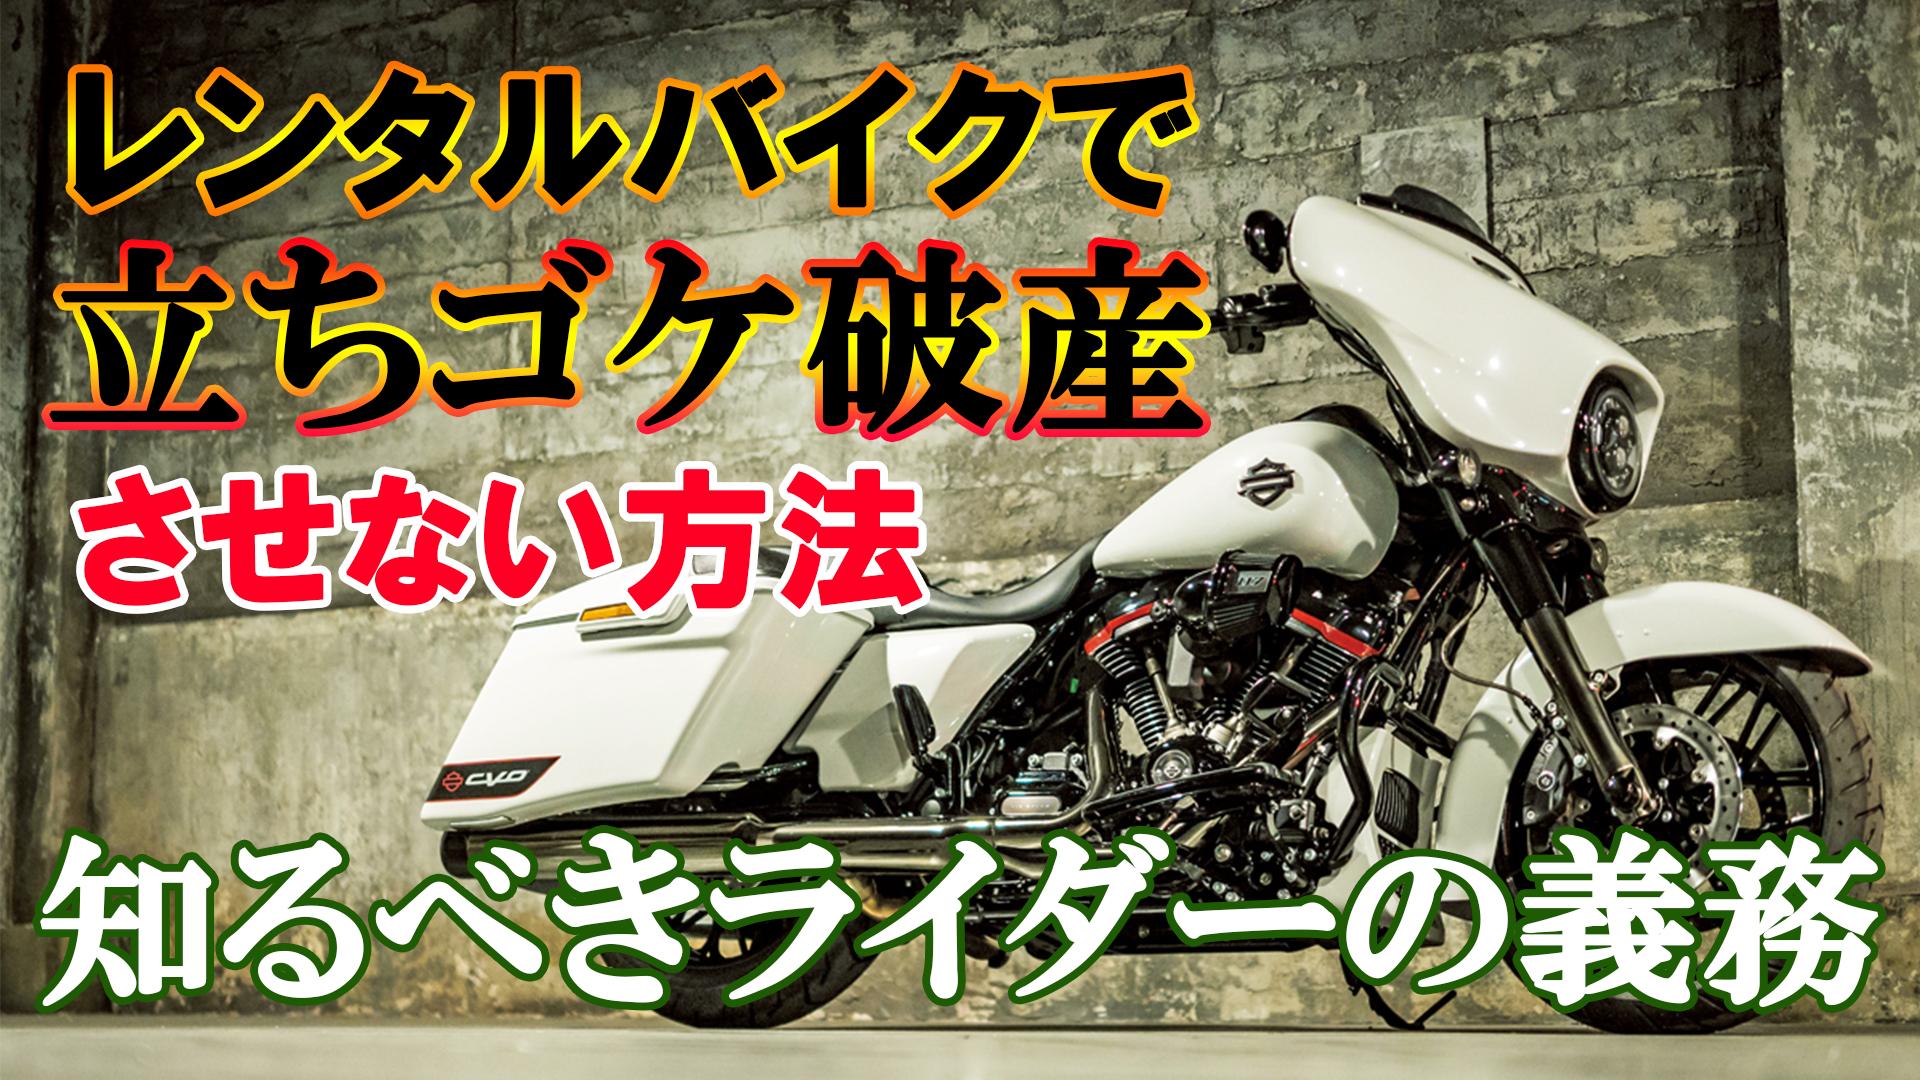 レンタルバイクで立ちゴケ